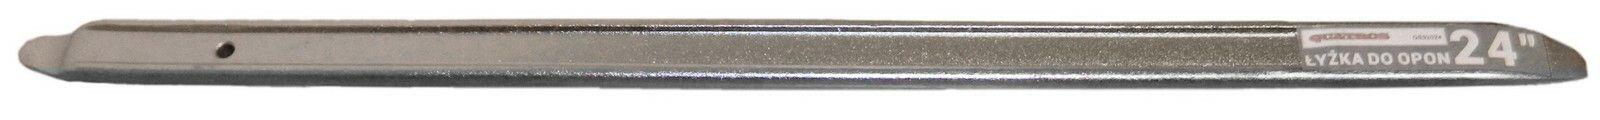 Montážní páka na pneumatiky - montpáka, délka 600 mm QUATROS